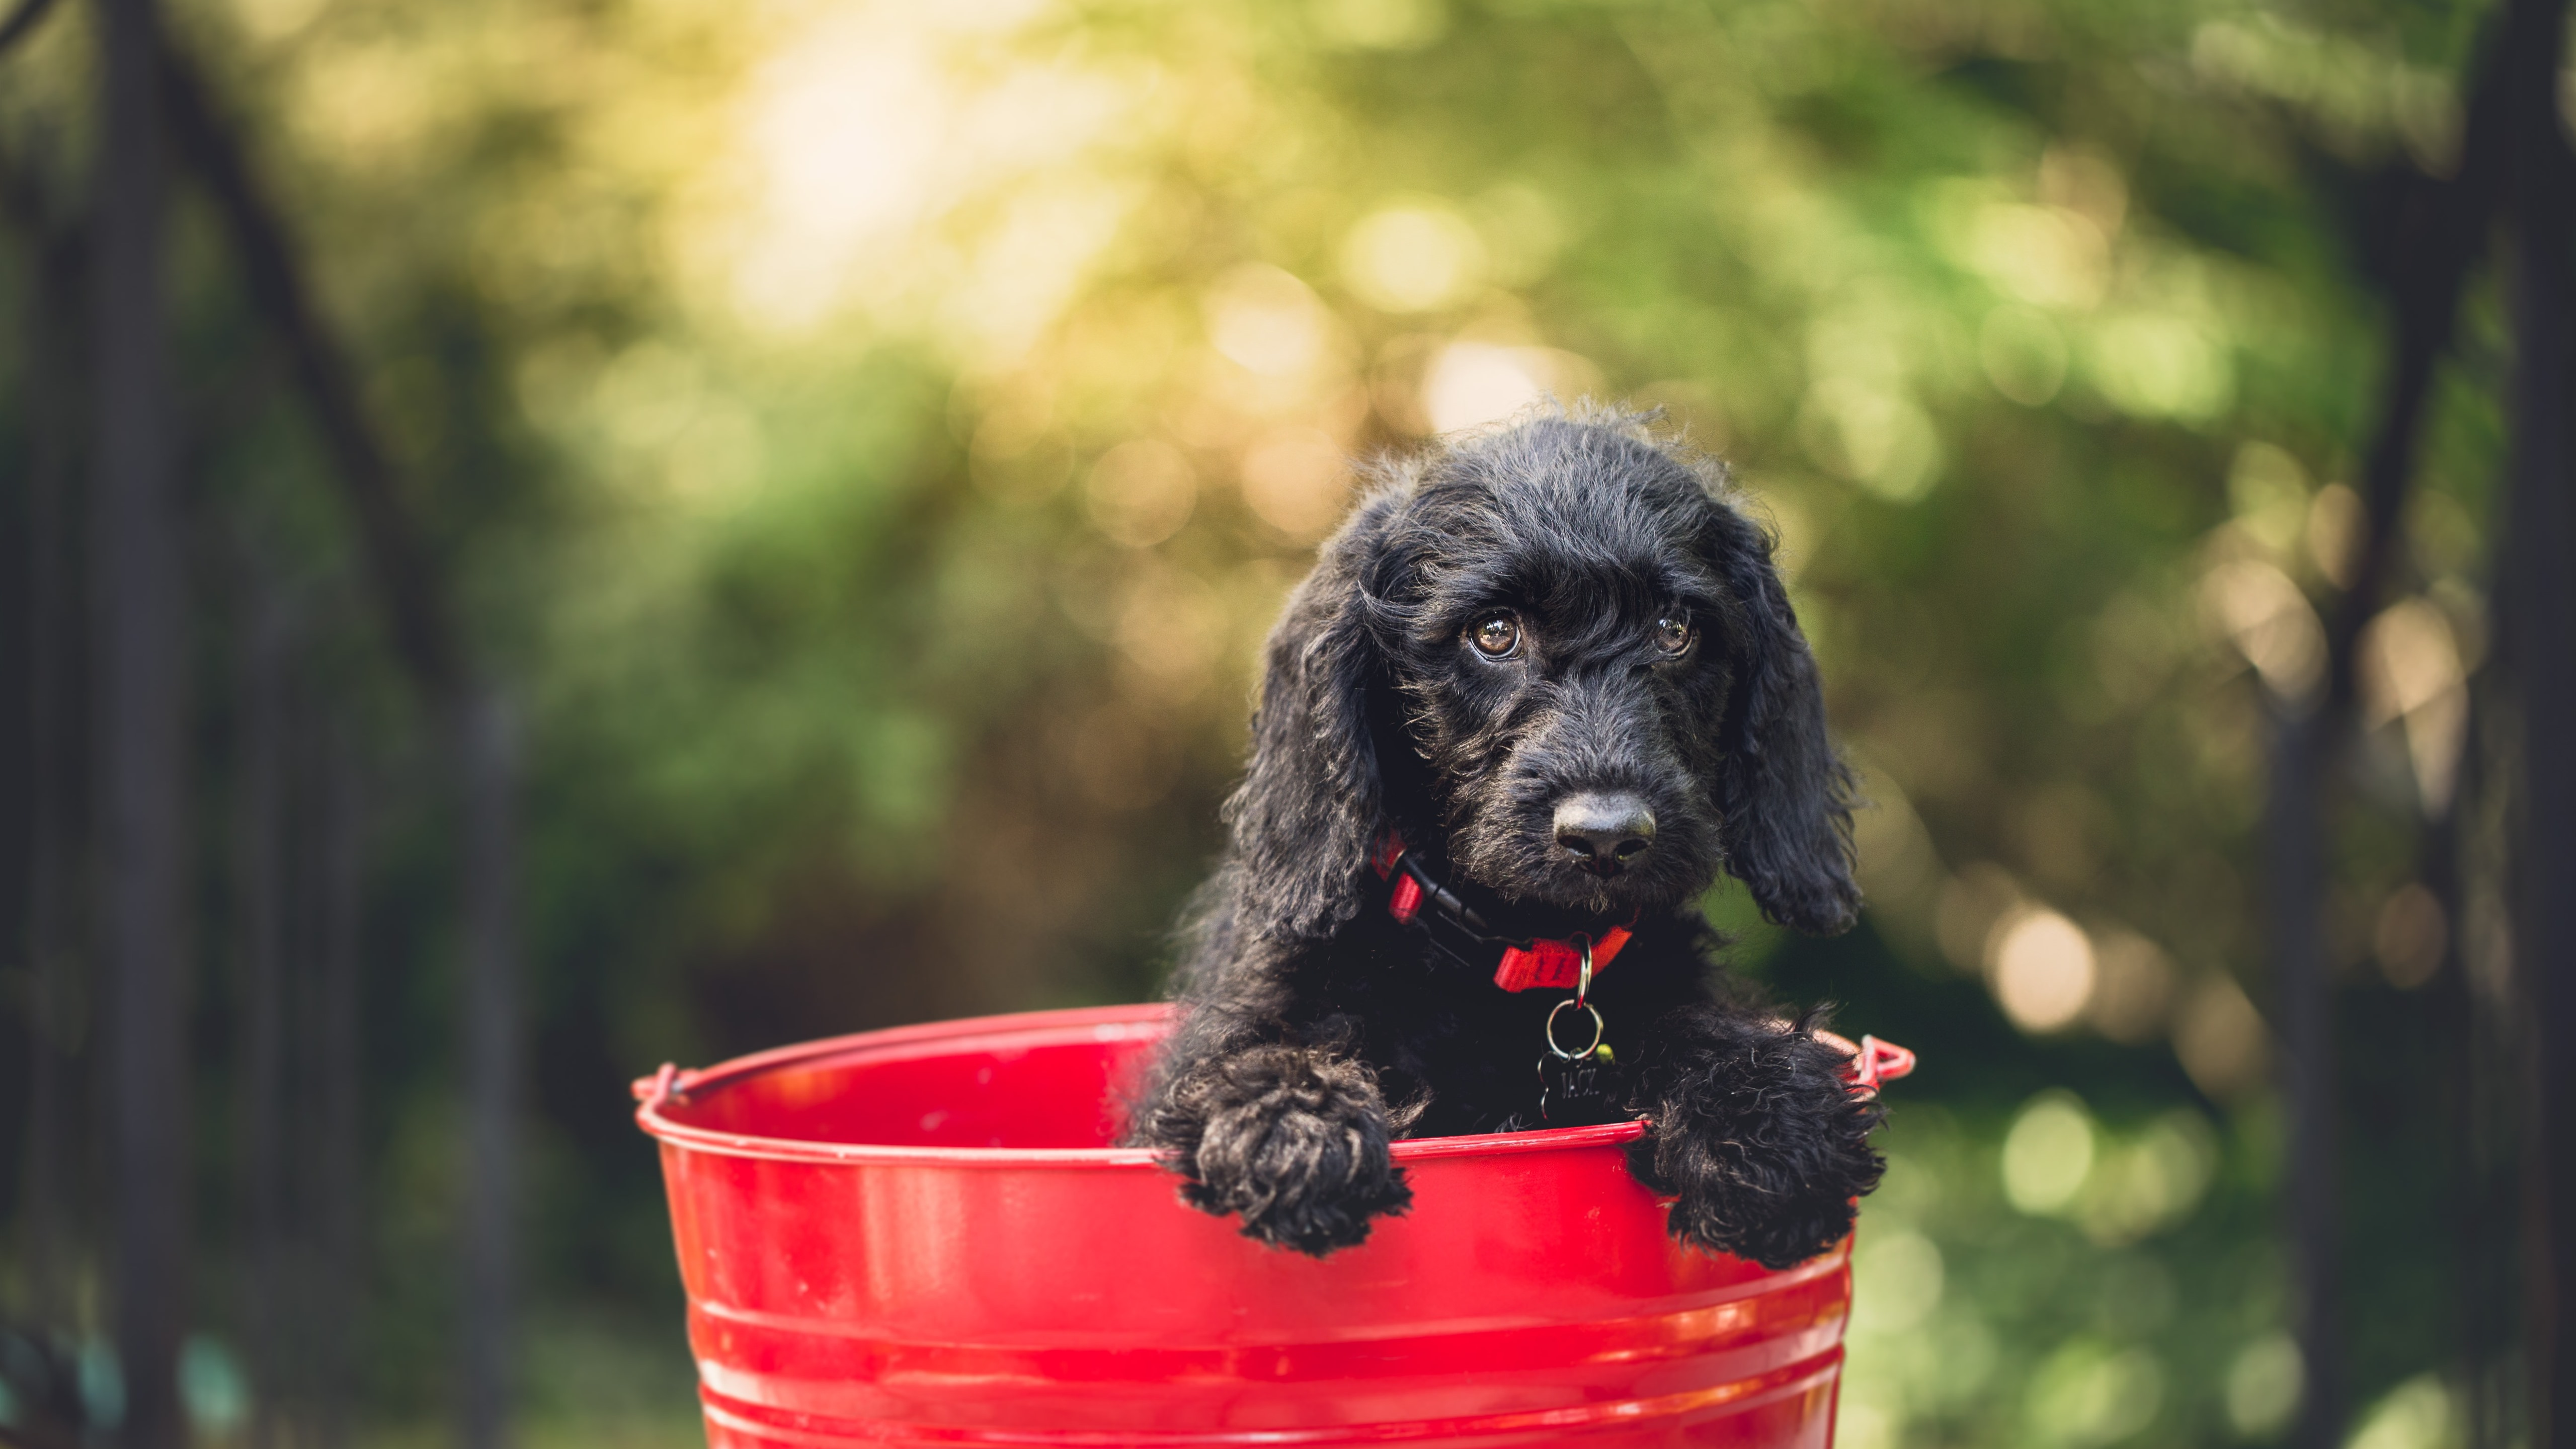 배경 화면 검은 강아지 붉은 양동이 5120x2880 Uhd 5k 그림 이미지